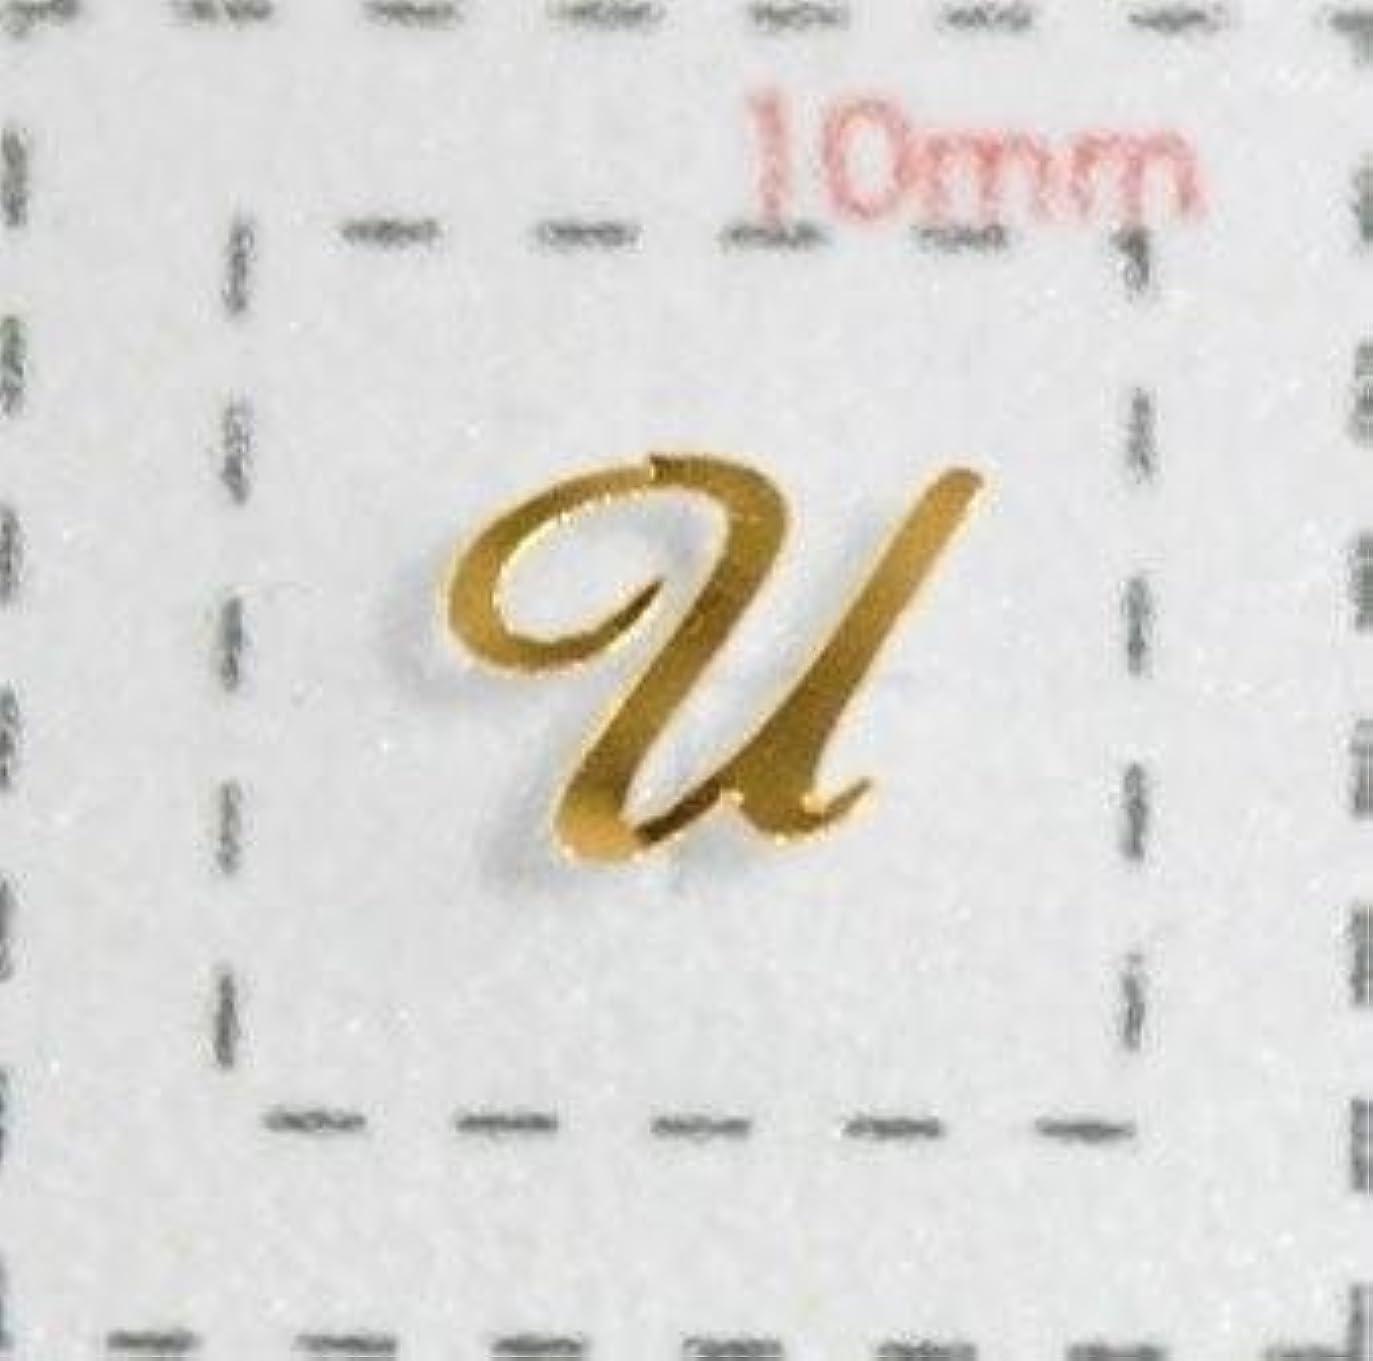 サンダーバースト清めるNameネイルシール【アルファベット?イニシャル】大文字ゴールド( U )1シート9枚入